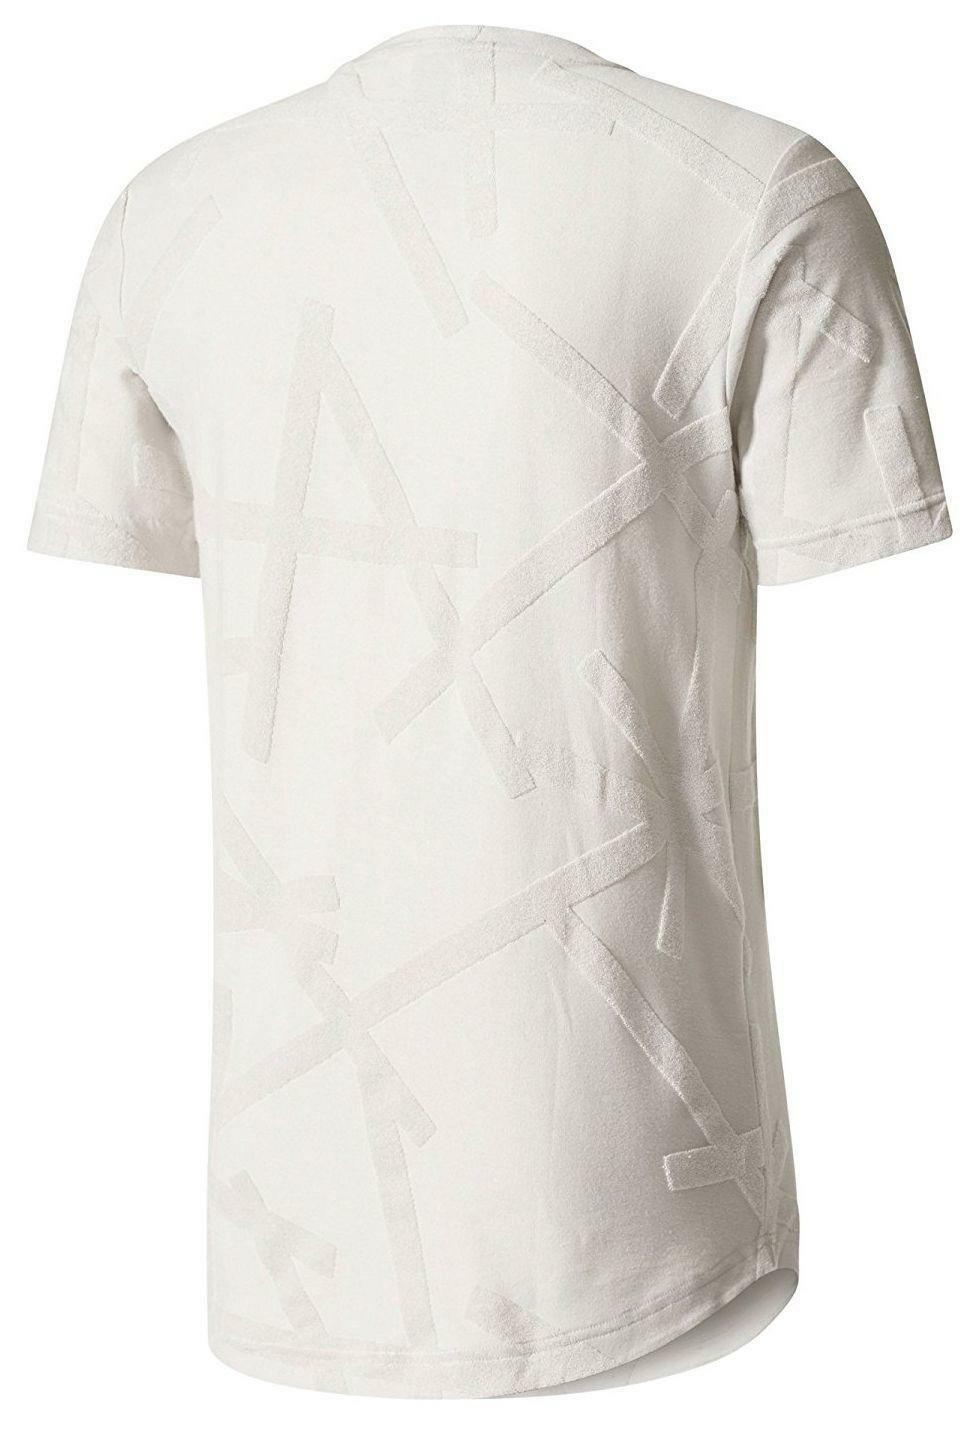 adidas adidas id terry loop t-shirt uomo